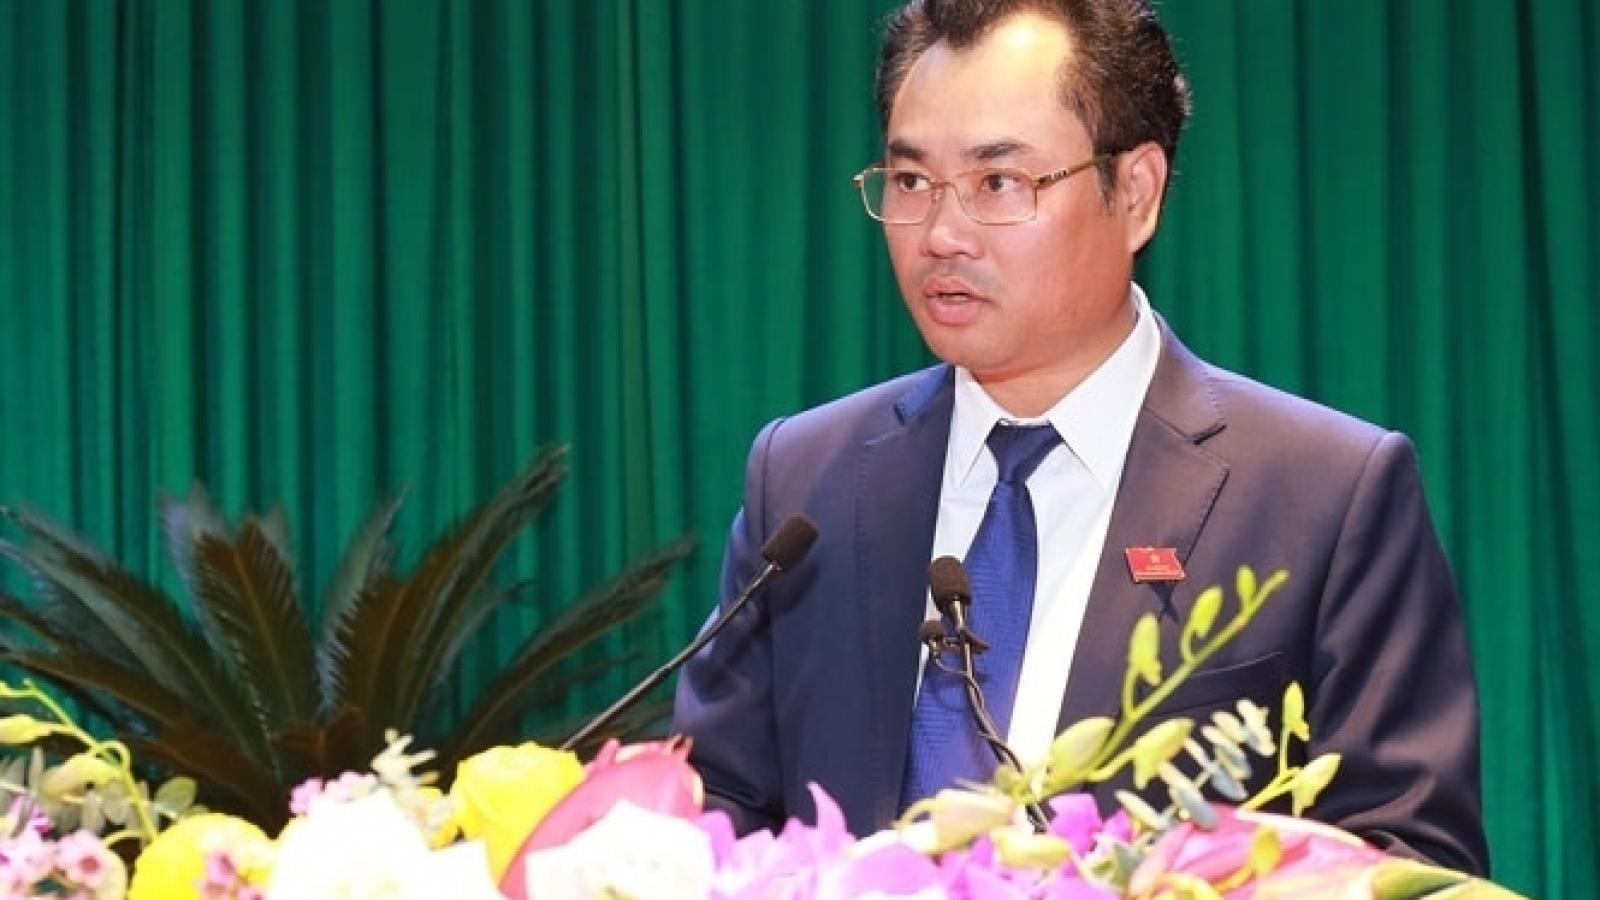 Hai Chủ tịch tỉnh trẻ nhất Việt Nam hiện nay 44 tuổi